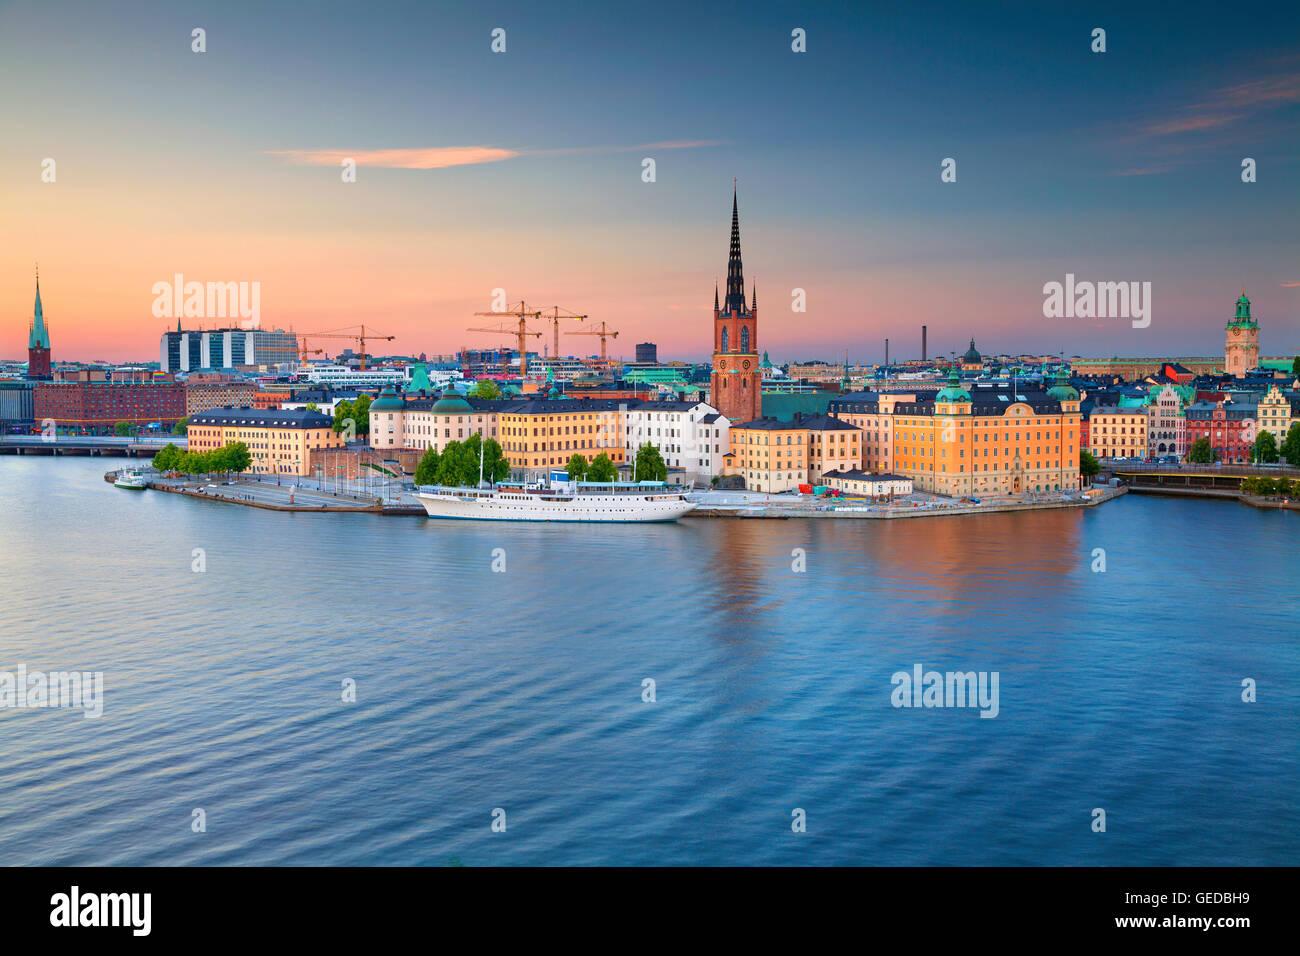 Stockholm. image de Stockholm, Suède pendant le crépuscule heure bleue. Photo Stock